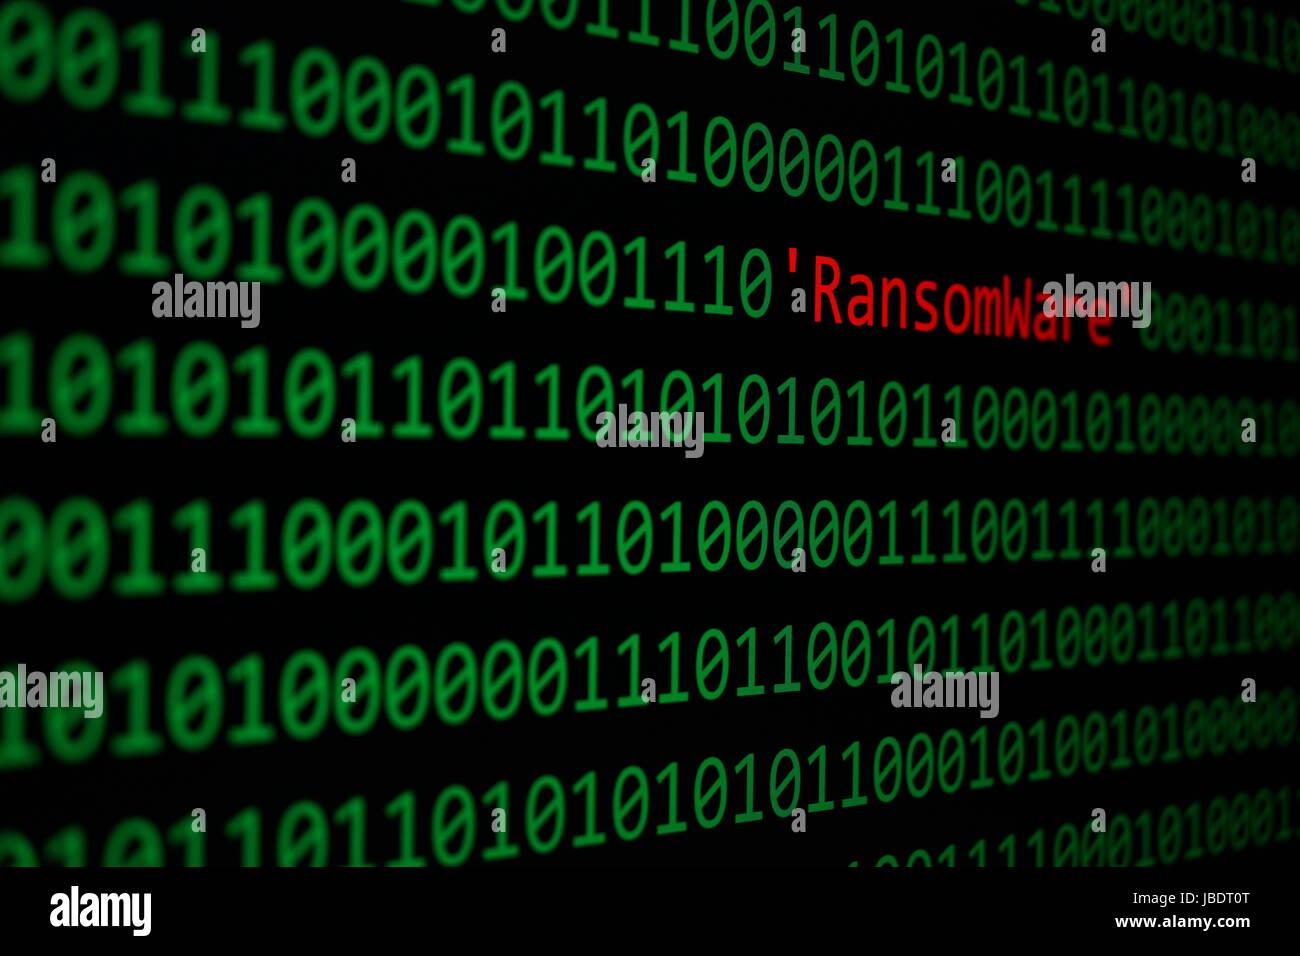 Die RansomWare und Binär-Code, der RansomWare Konzept Sicherheit und Malware-Angriff. Stockbild